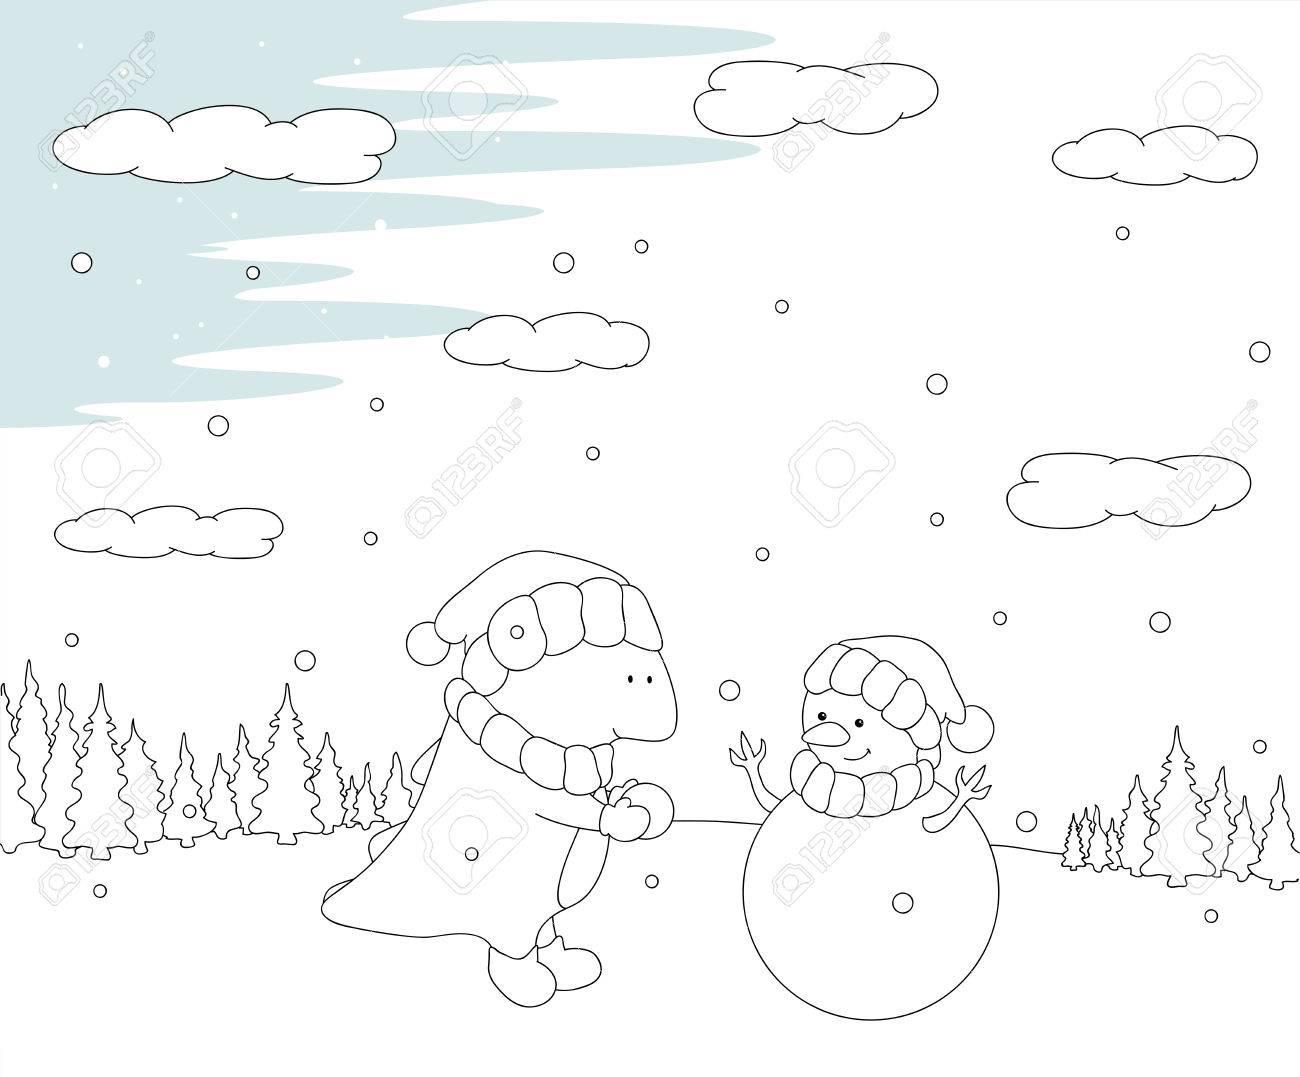 Coloriage Rennes Bonhomme De Neige.Dragon Chubby Mignon Sculpte Bonhomme De Neige Dans Une Foret Enneigee Carte Postale De Noel Vector Illustration Livre De Coloriage